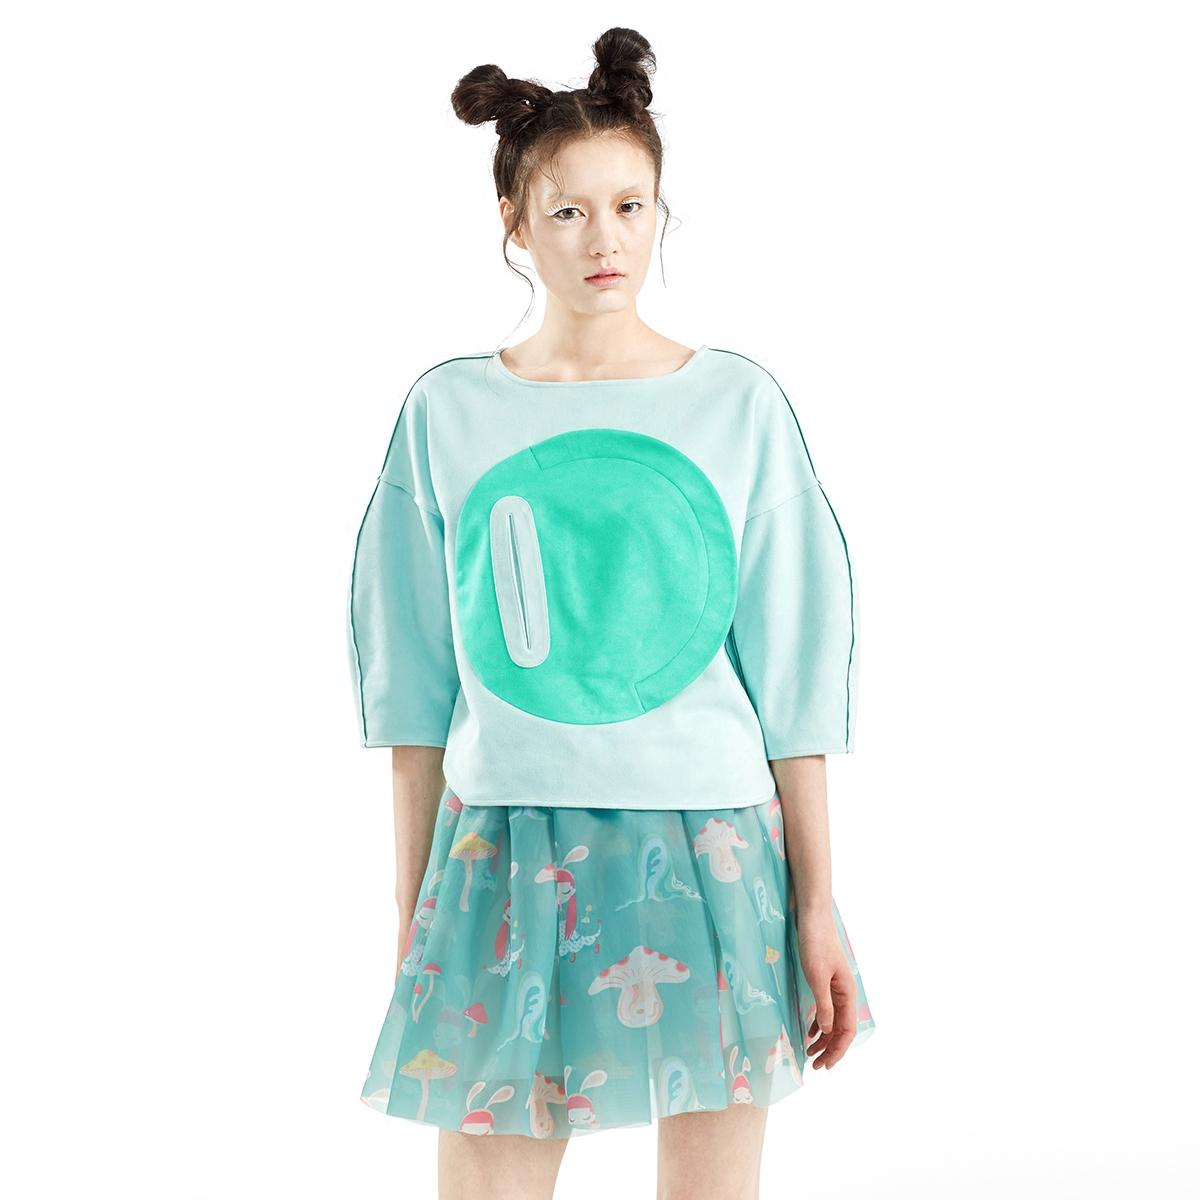 SUNGDO GIN白日梦新品绿色趣味兔子印花欧根纱半裙短裙